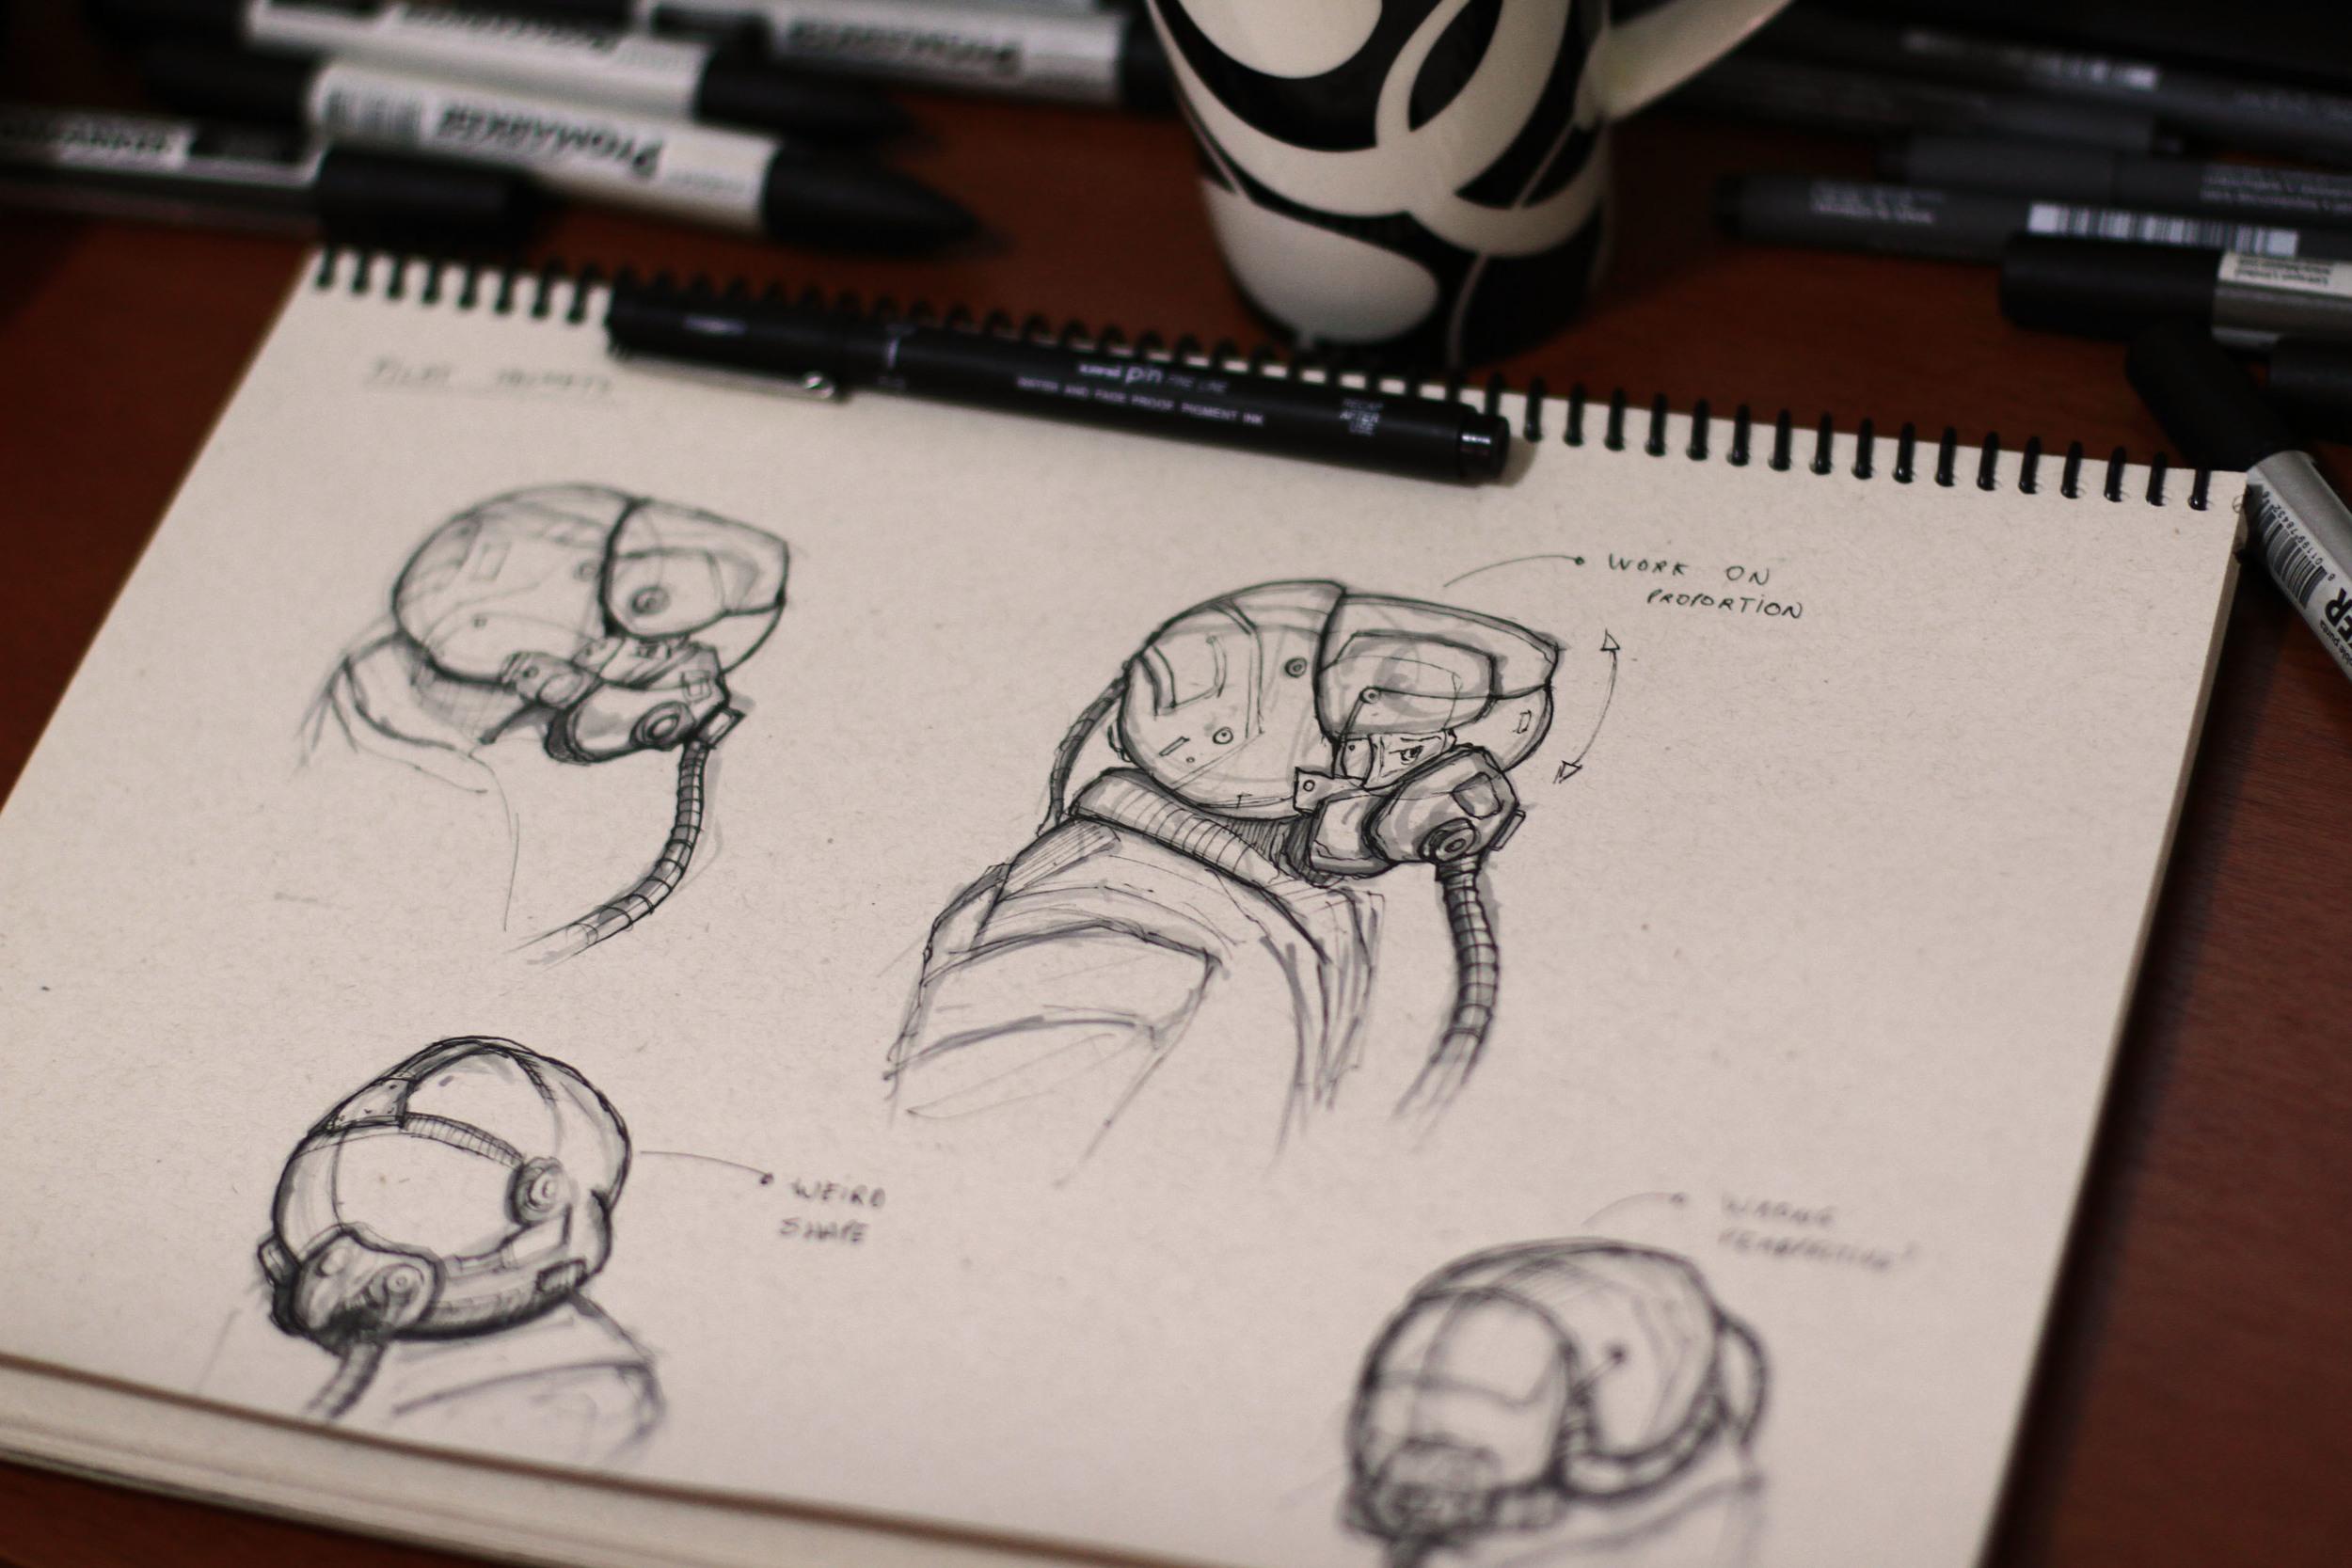 Helmet studies